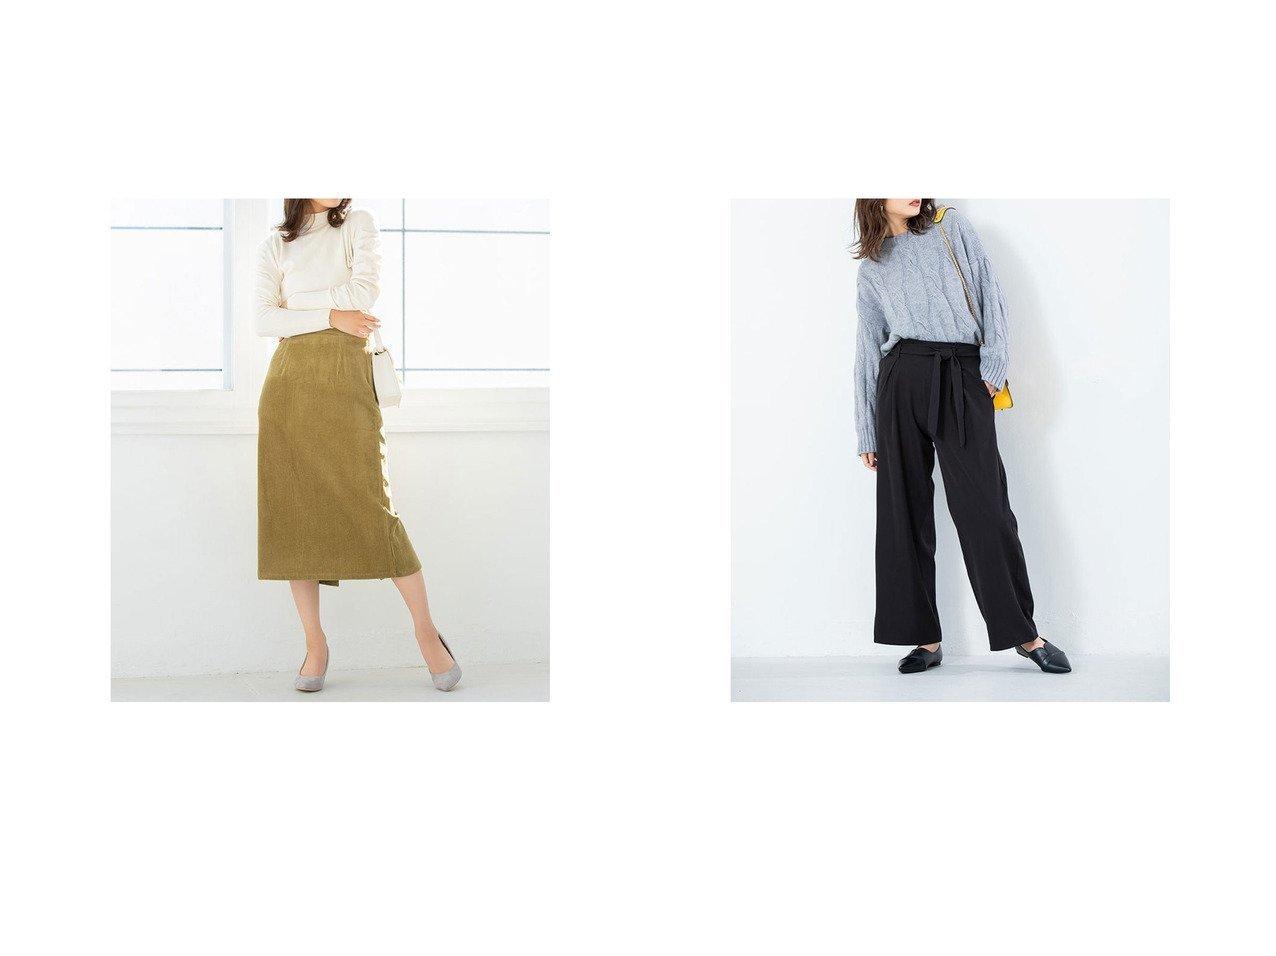 【fifth/フィフス】のカラーコーデュロイタイトスカート&ウエストリボン付きテーパードパンツ fifthのおすすめ!人気、トレンド・レディースファッションの通販  おすすめで人気の流行・トレンド、ファッションの通販商品 メンズファッション・キッズファッション・インテリア・家具・レディースファッション・服の通販 founy(ファニー) https://founy.com/ ファッション Fashion レディースファッション WOMEN スカート Skirt パンツ Pants 2021年 2021 2021 春夏 S/S SS Spring/Summer 2021 S/S 春夏 SS Spring/Summer コーデュロイ シンプル スマート タイトスカート フロント 春 Spring |ID:crp329100000017644